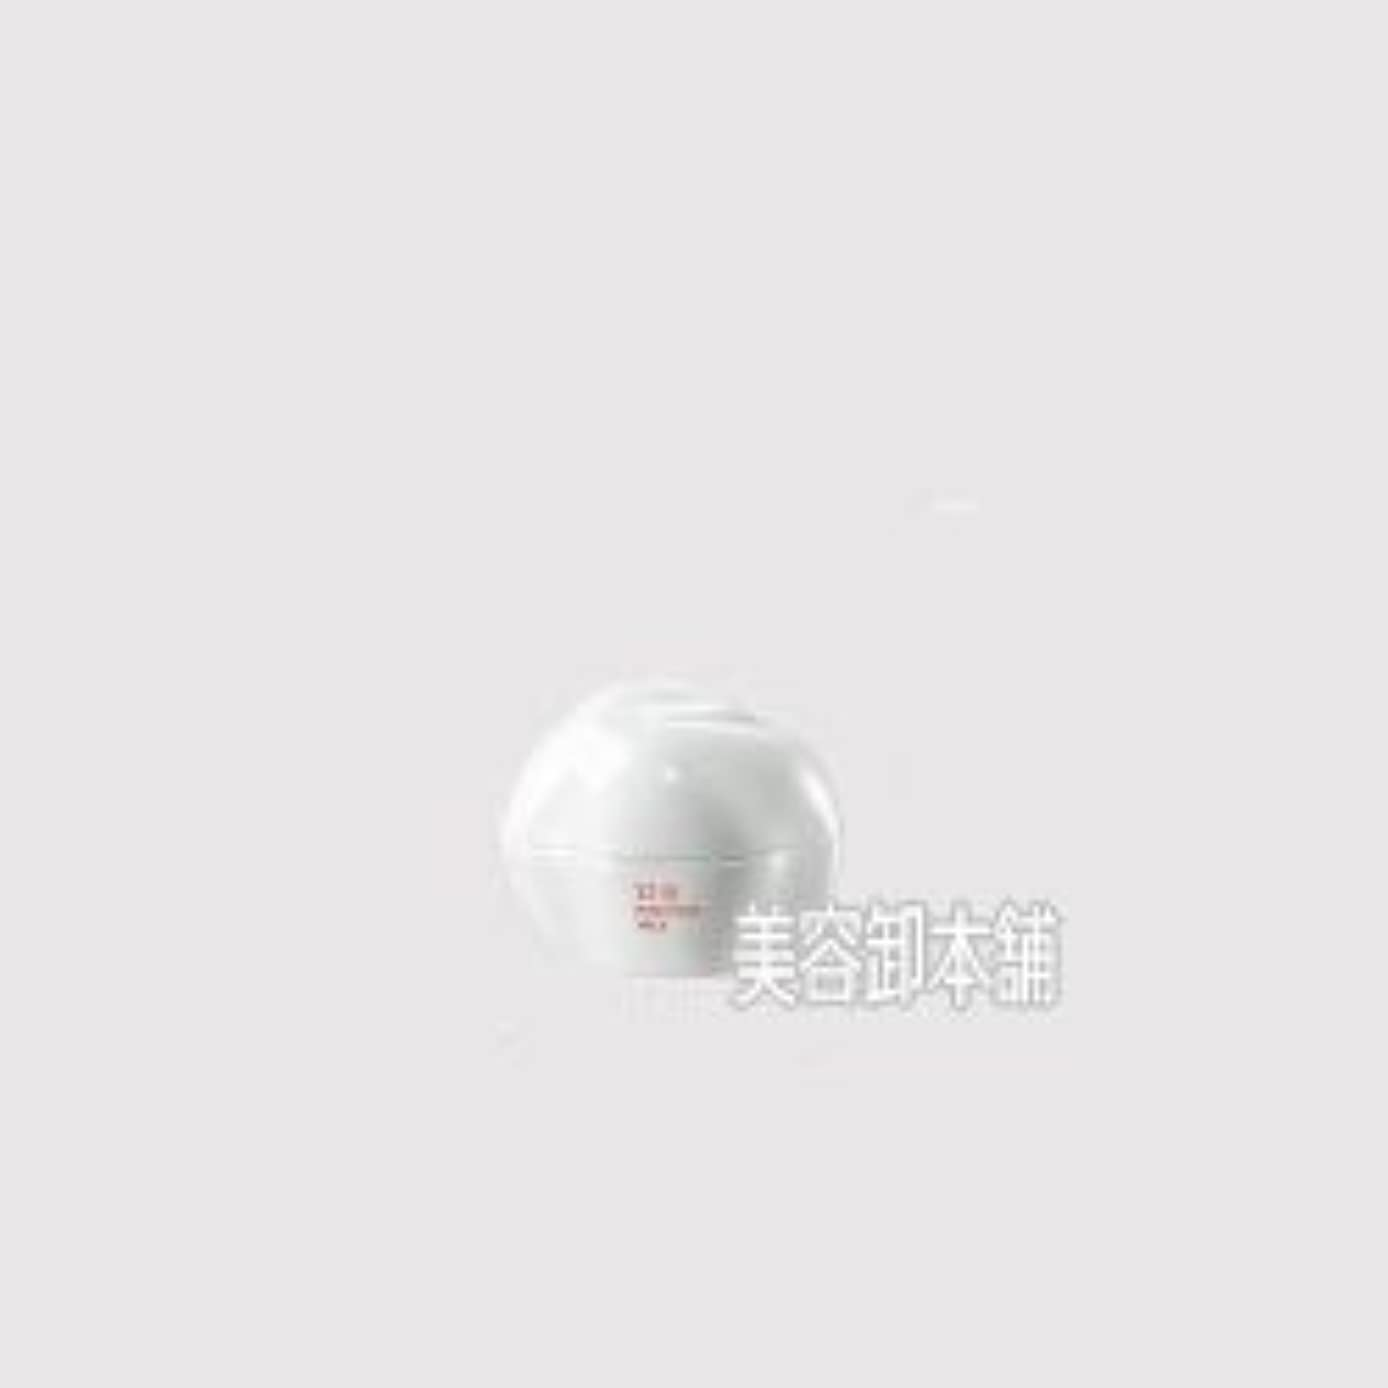 世紀エージェントタブレットホーユー 3210 ミニーレ ニュートラルワックス 55g